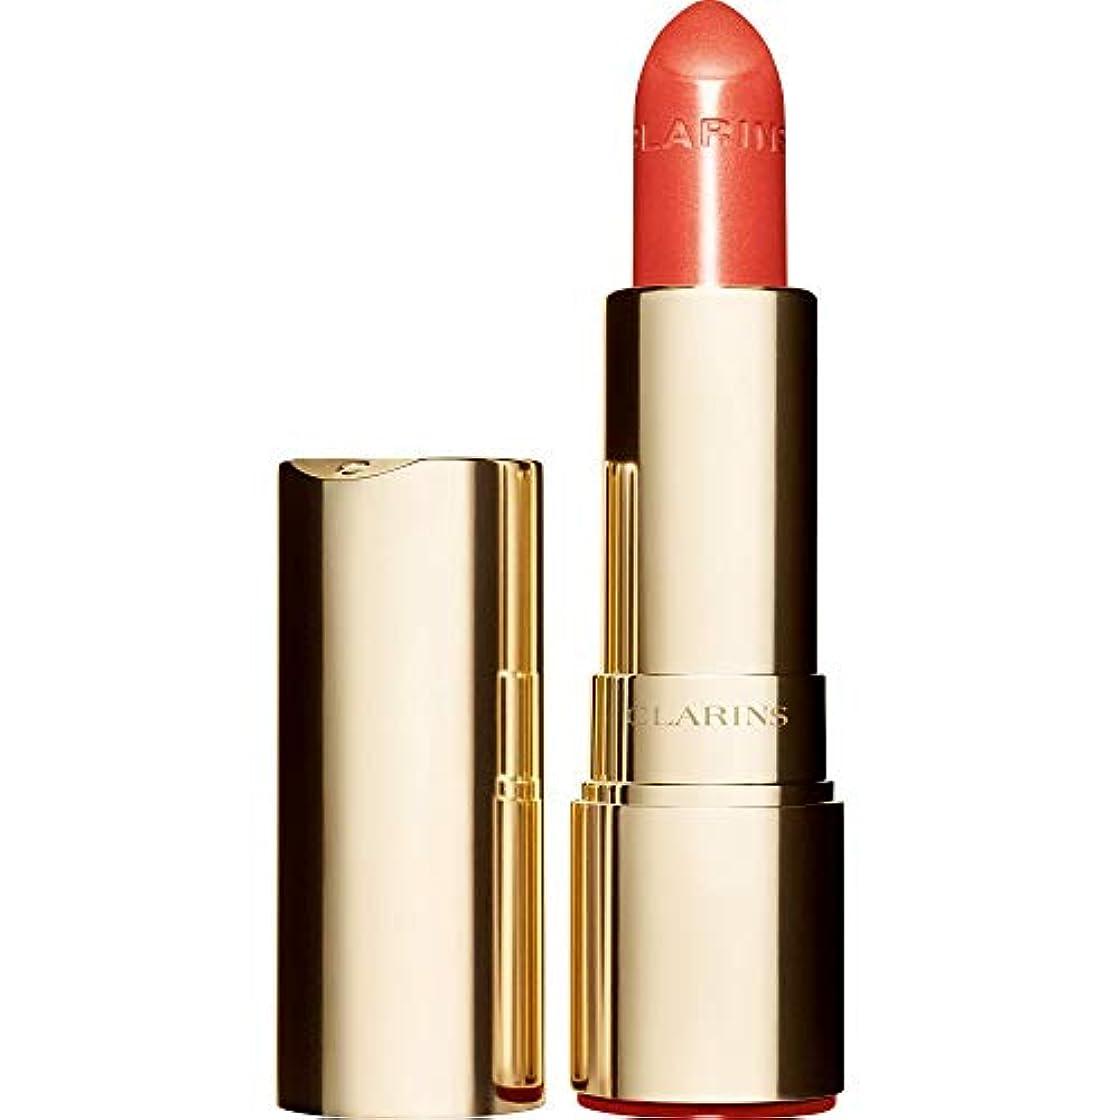 薄暗いホイッスルびっくり[Clarins ] クラランスジョリルージュブリリアント口紅3.5グラムの711S - パパイヤ - Clarins Joli Rouge Brillant Lipstick 3.5g 711S - Papaya [並行輸入品]